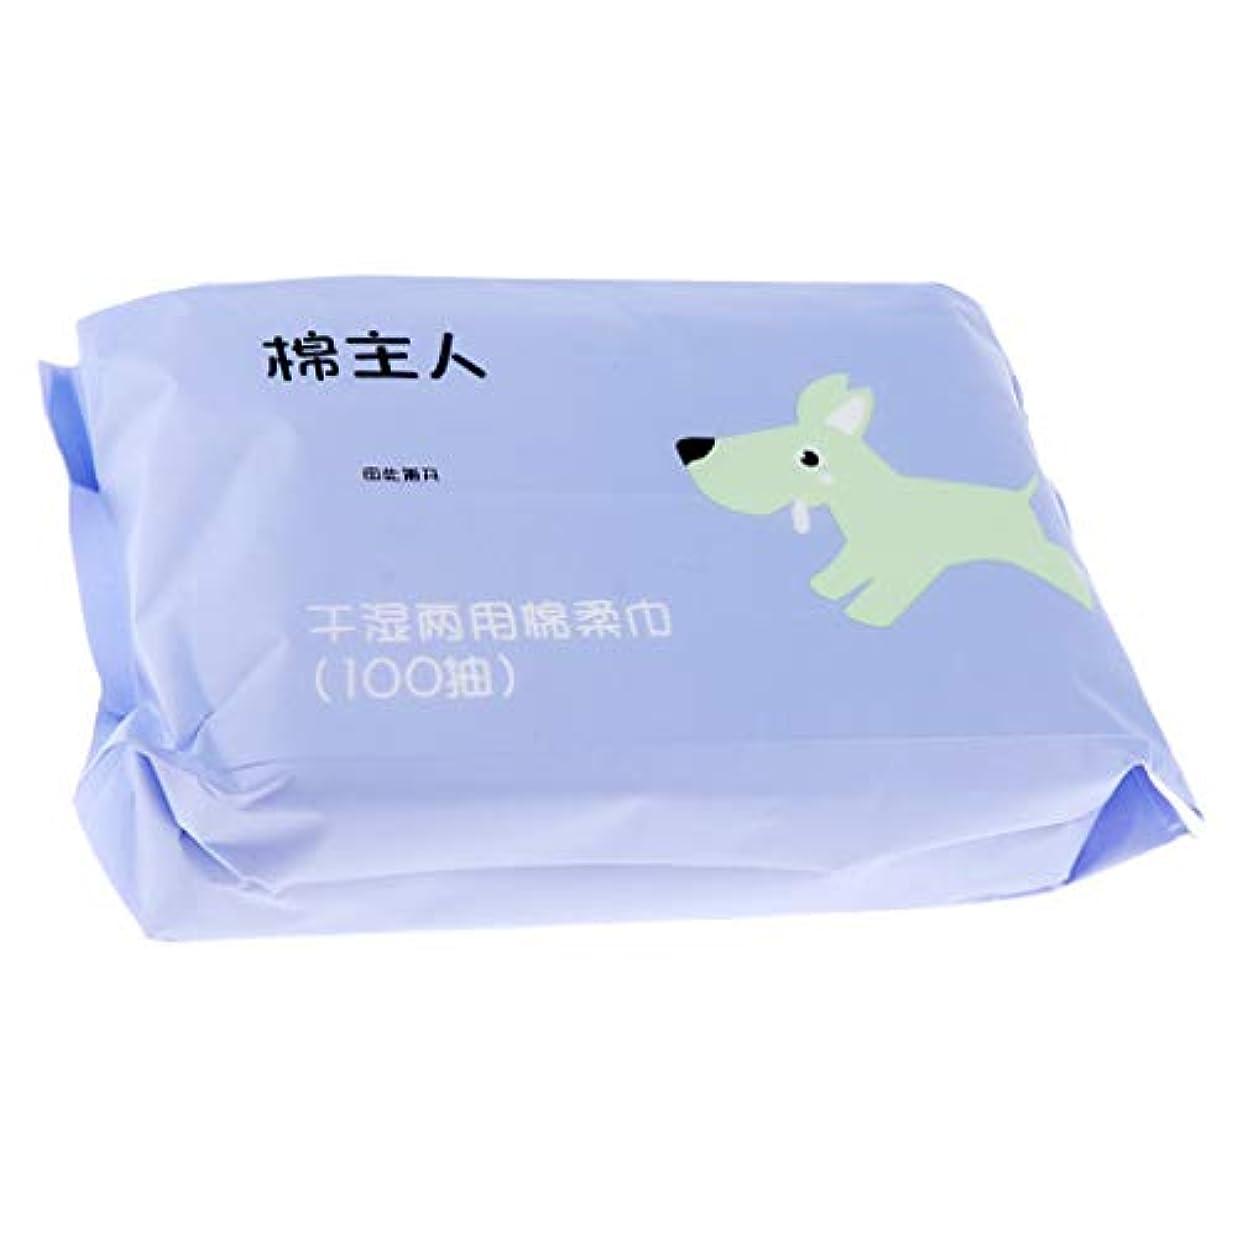 反発するソフトウェア機構Perfeclan 約100枚 クレンジングシート フェイス クリーニング タオル メイク落とし 清潔 衛生 非刺激 - 青紫